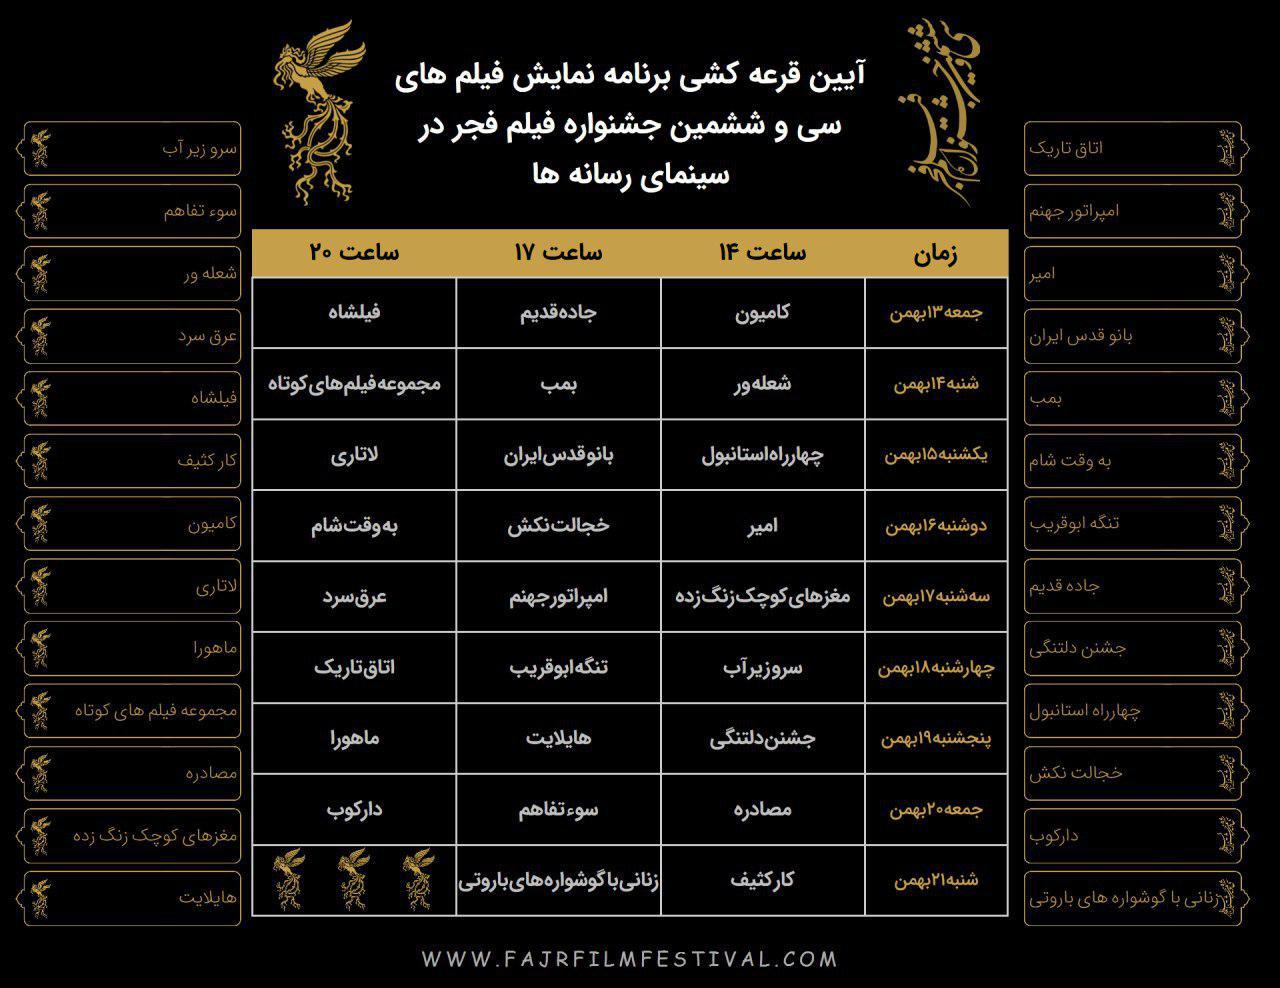 جدول نمایش فیلمهای فجر 36 در سینمای رسانهها مشخص شد